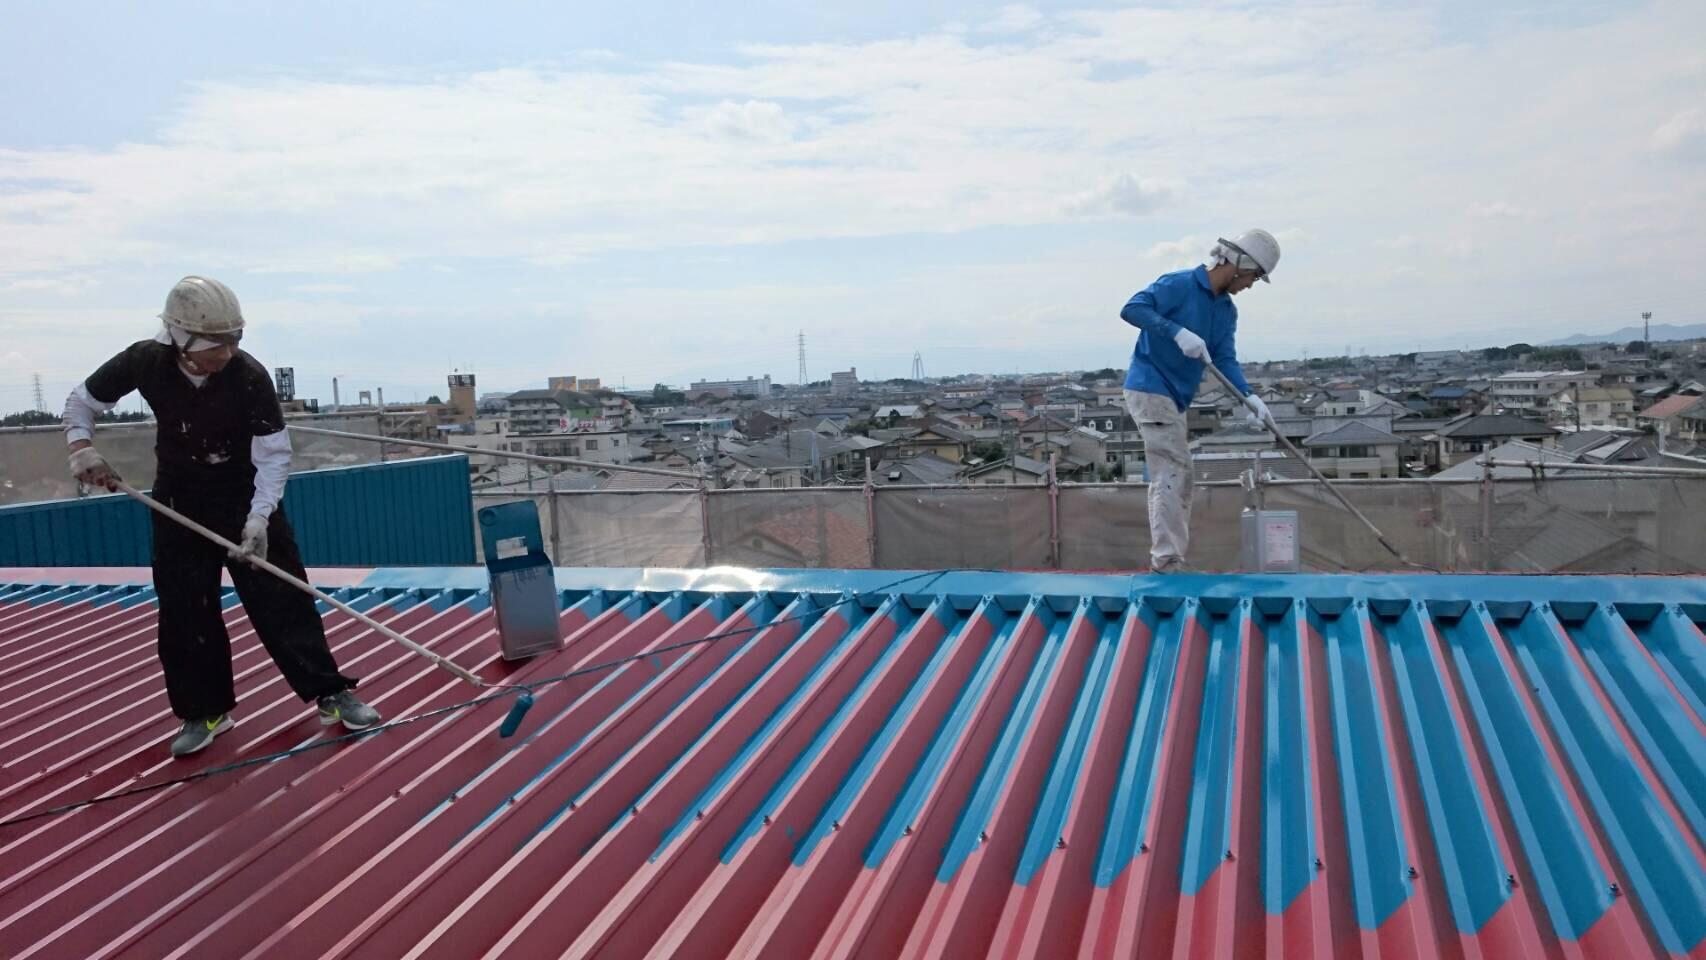 ブルーの屋根塗装